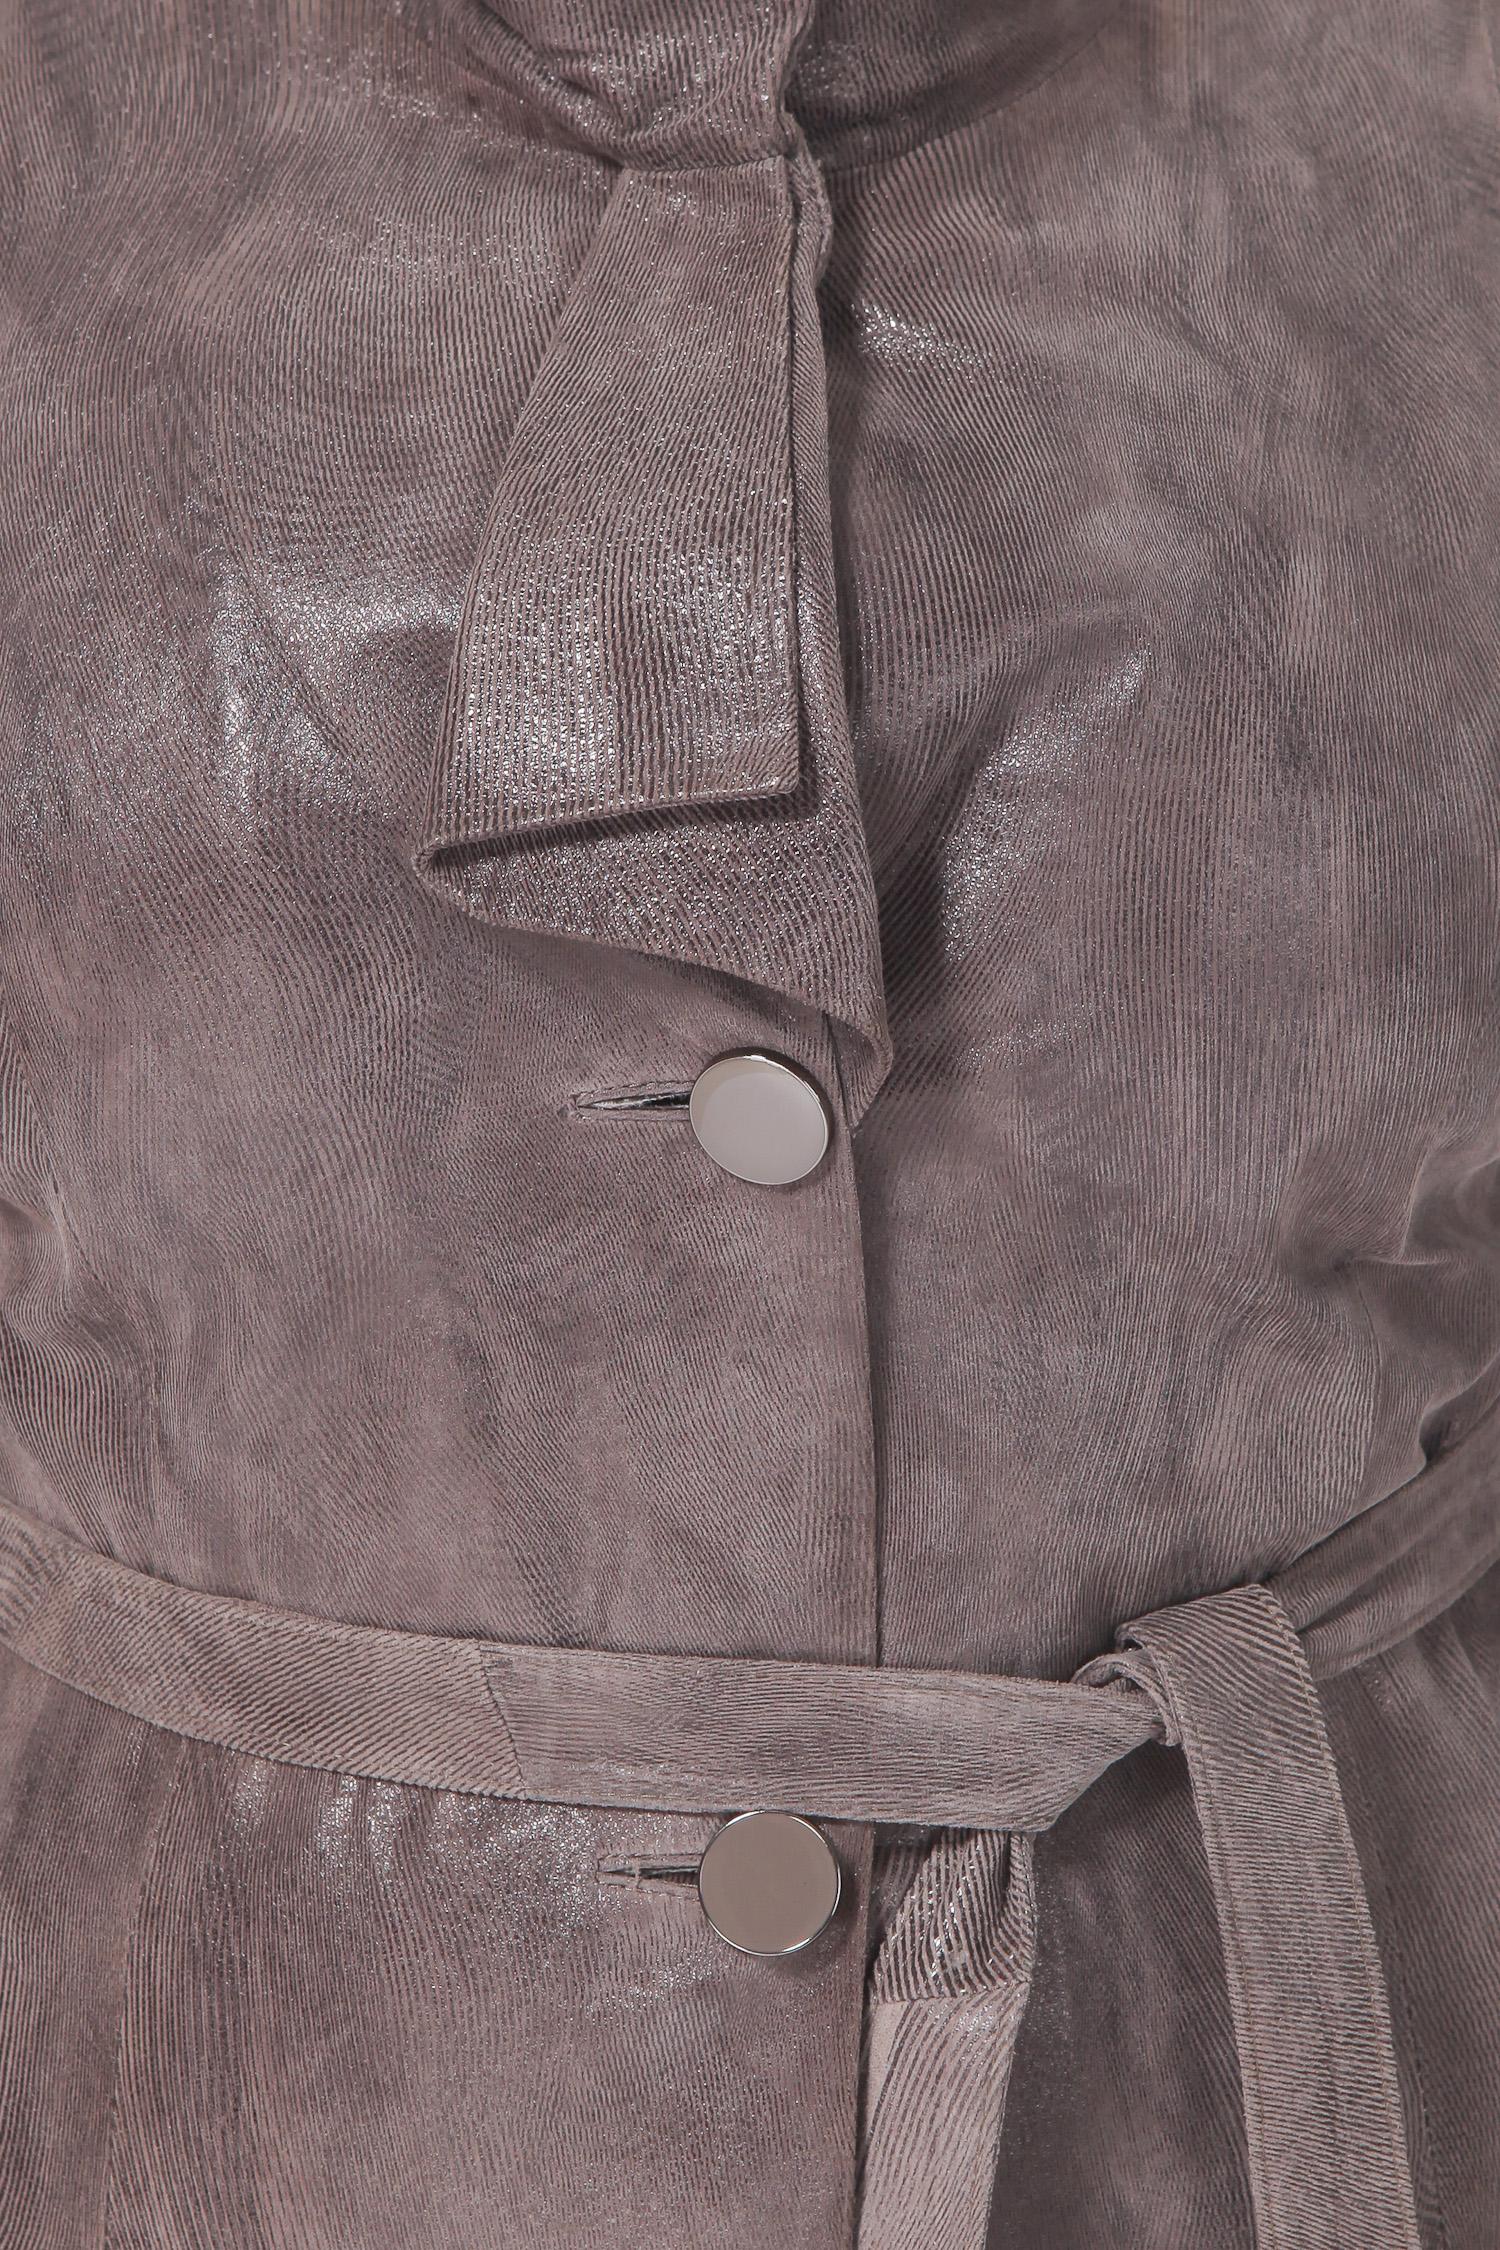 Фото 8 - Женская кожаная куртка из натуральной замши (с накатом) с воротником от МОСМЕХА бежевого цвета